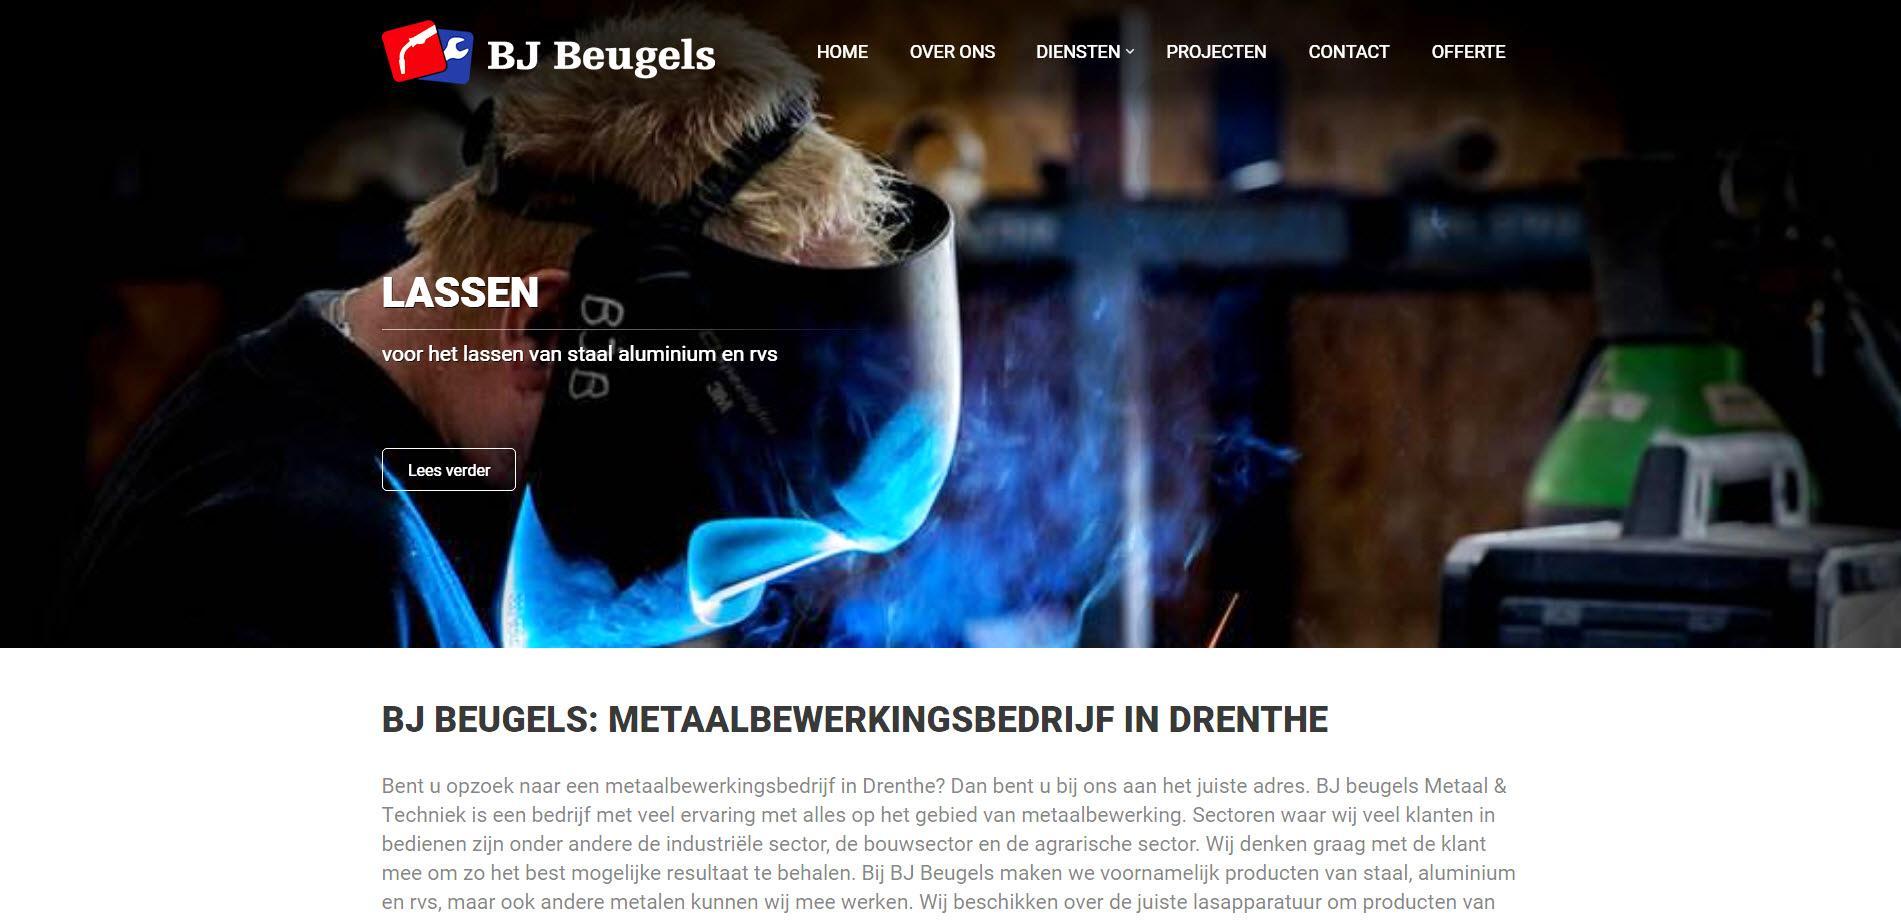 Metaalbewerkingsbedrijf BJ Beugels